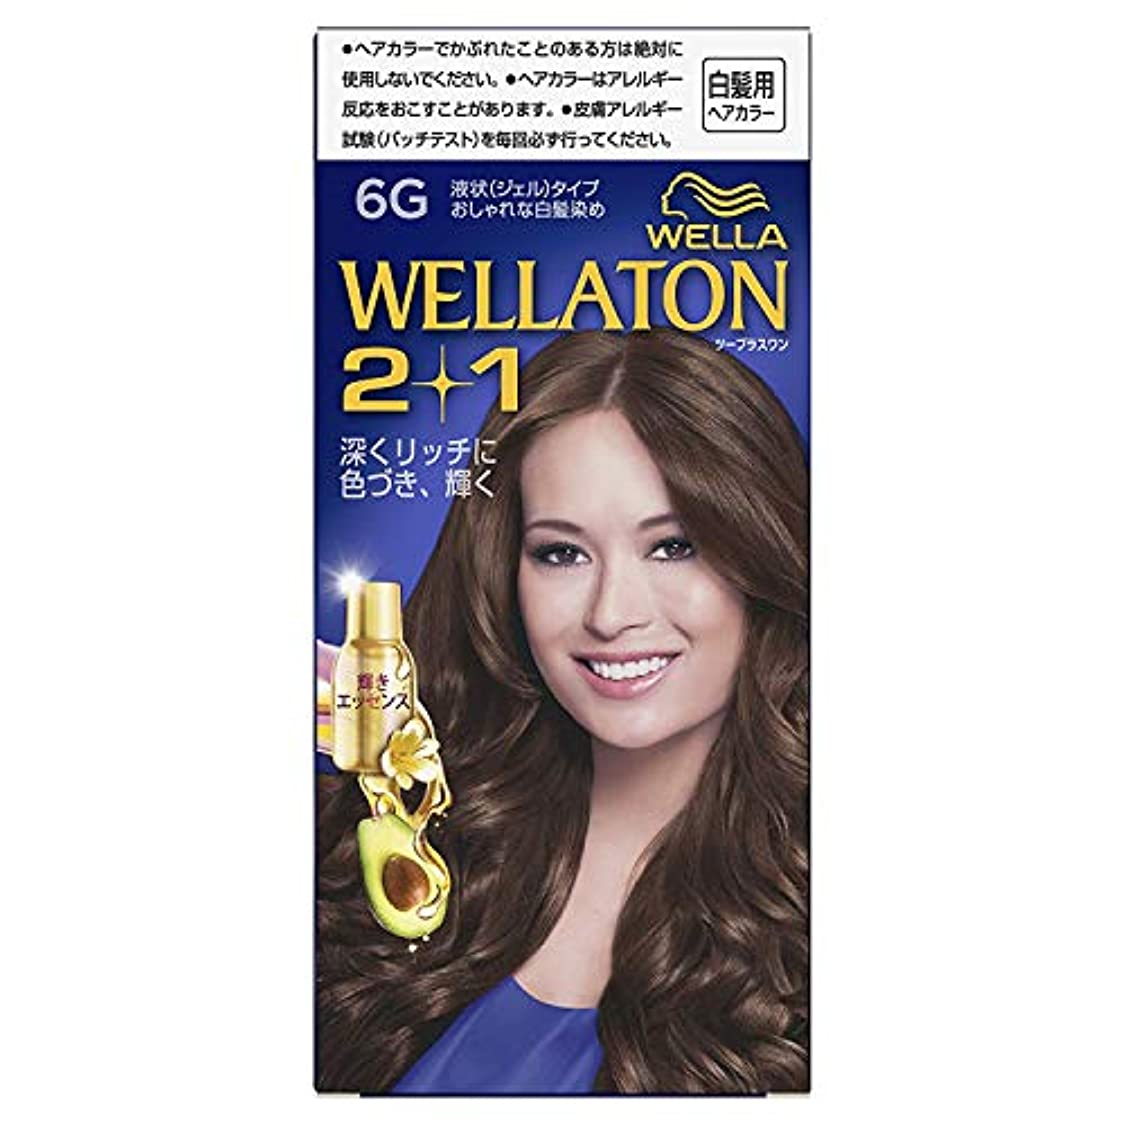 差別ほこりっぽい画面ウエラトーン2+1 白髪染め 液状タイプ 6G [医薬部外品] ×6個